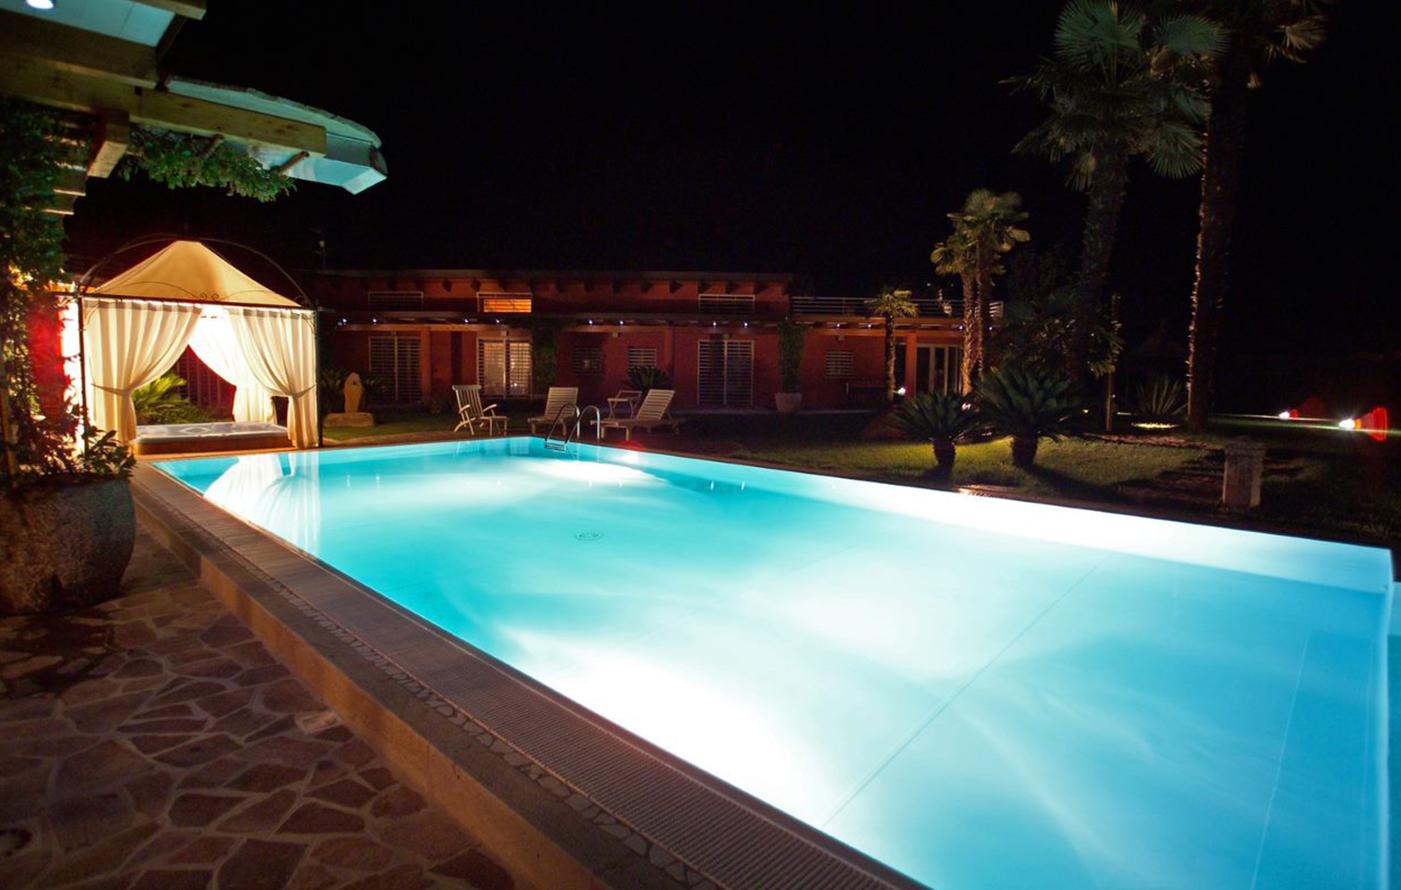 agriverde-illuminazione-piscina-fari-subacquei-led-bianchi